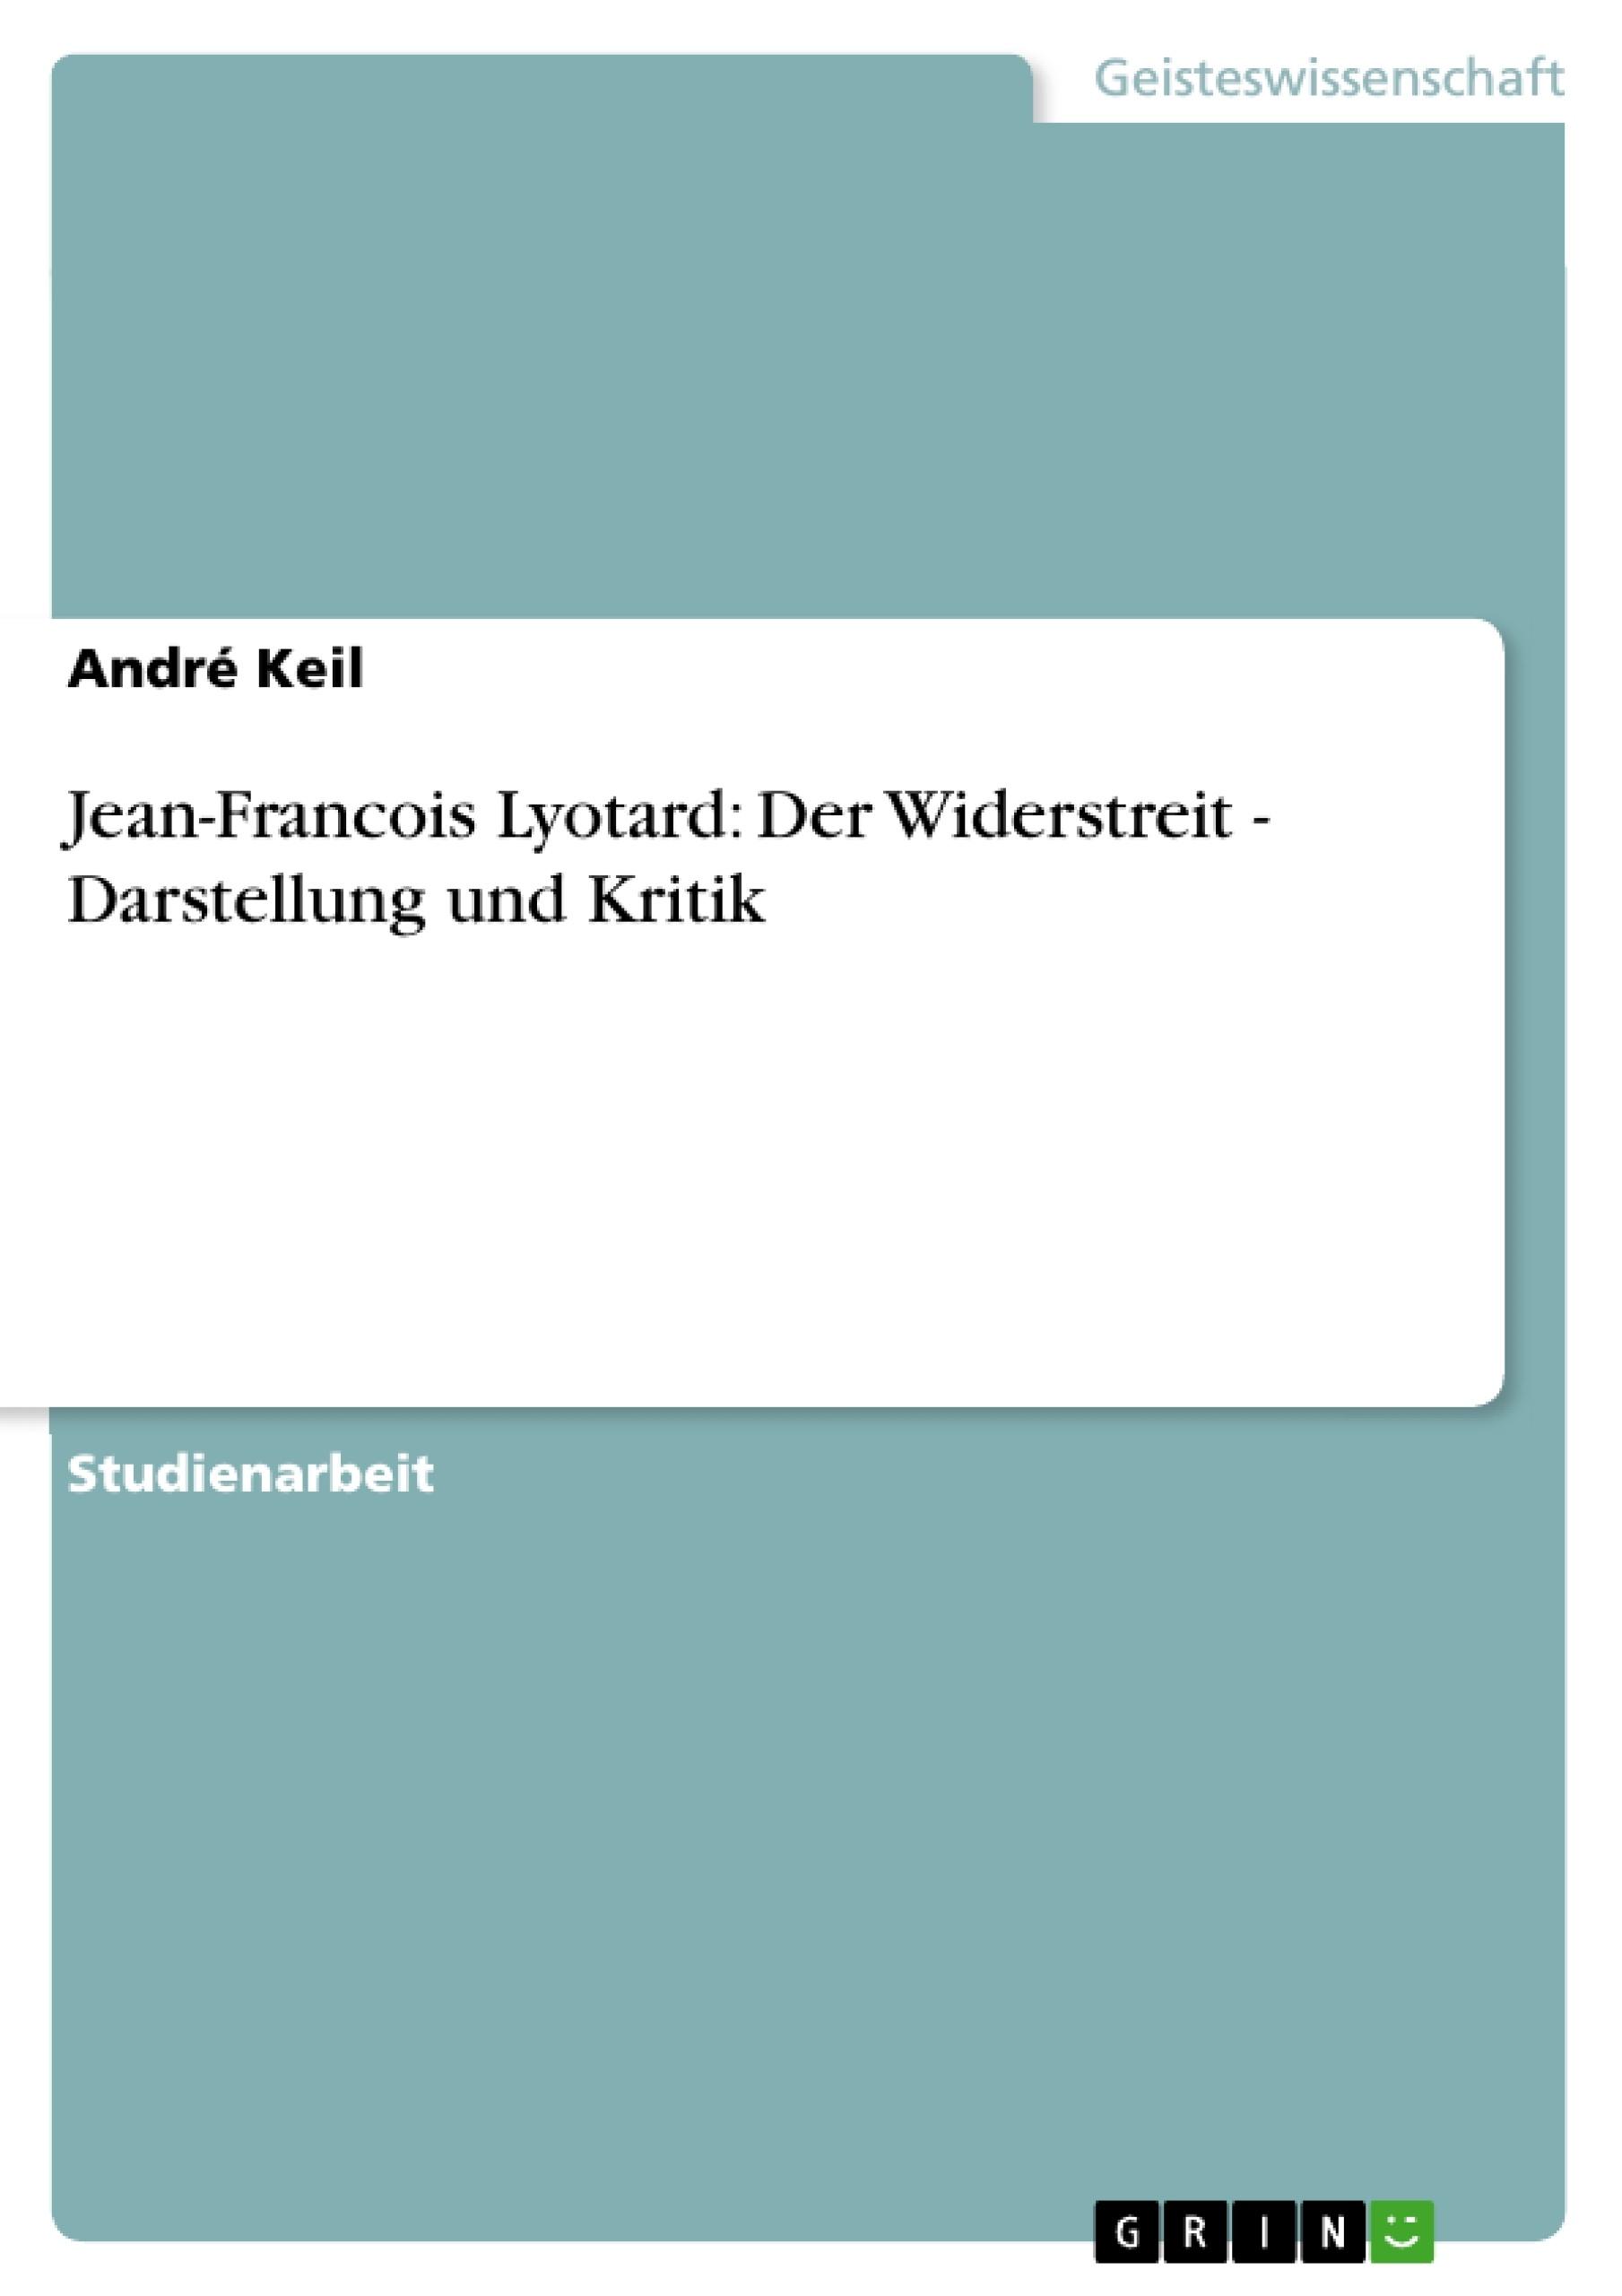 Titel: Jean-Francois Lyotard: Der Widerstreit - Darstellung und Kritik